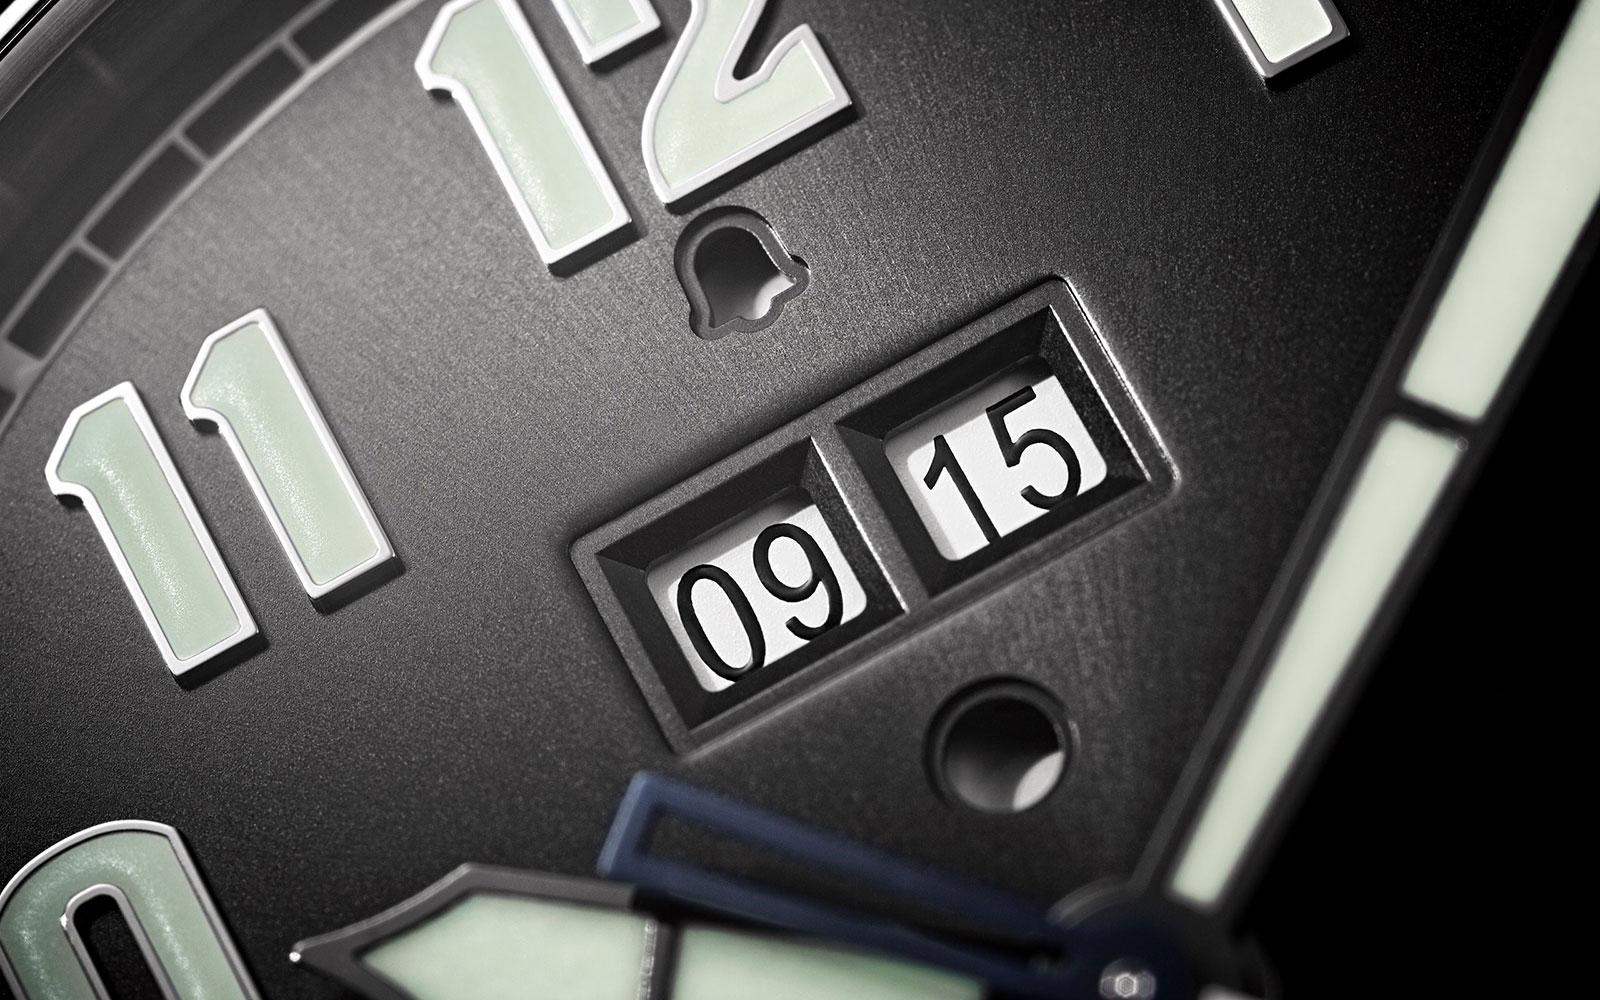 Patek philippe Ref. 5520P Alarm Travel Time 7